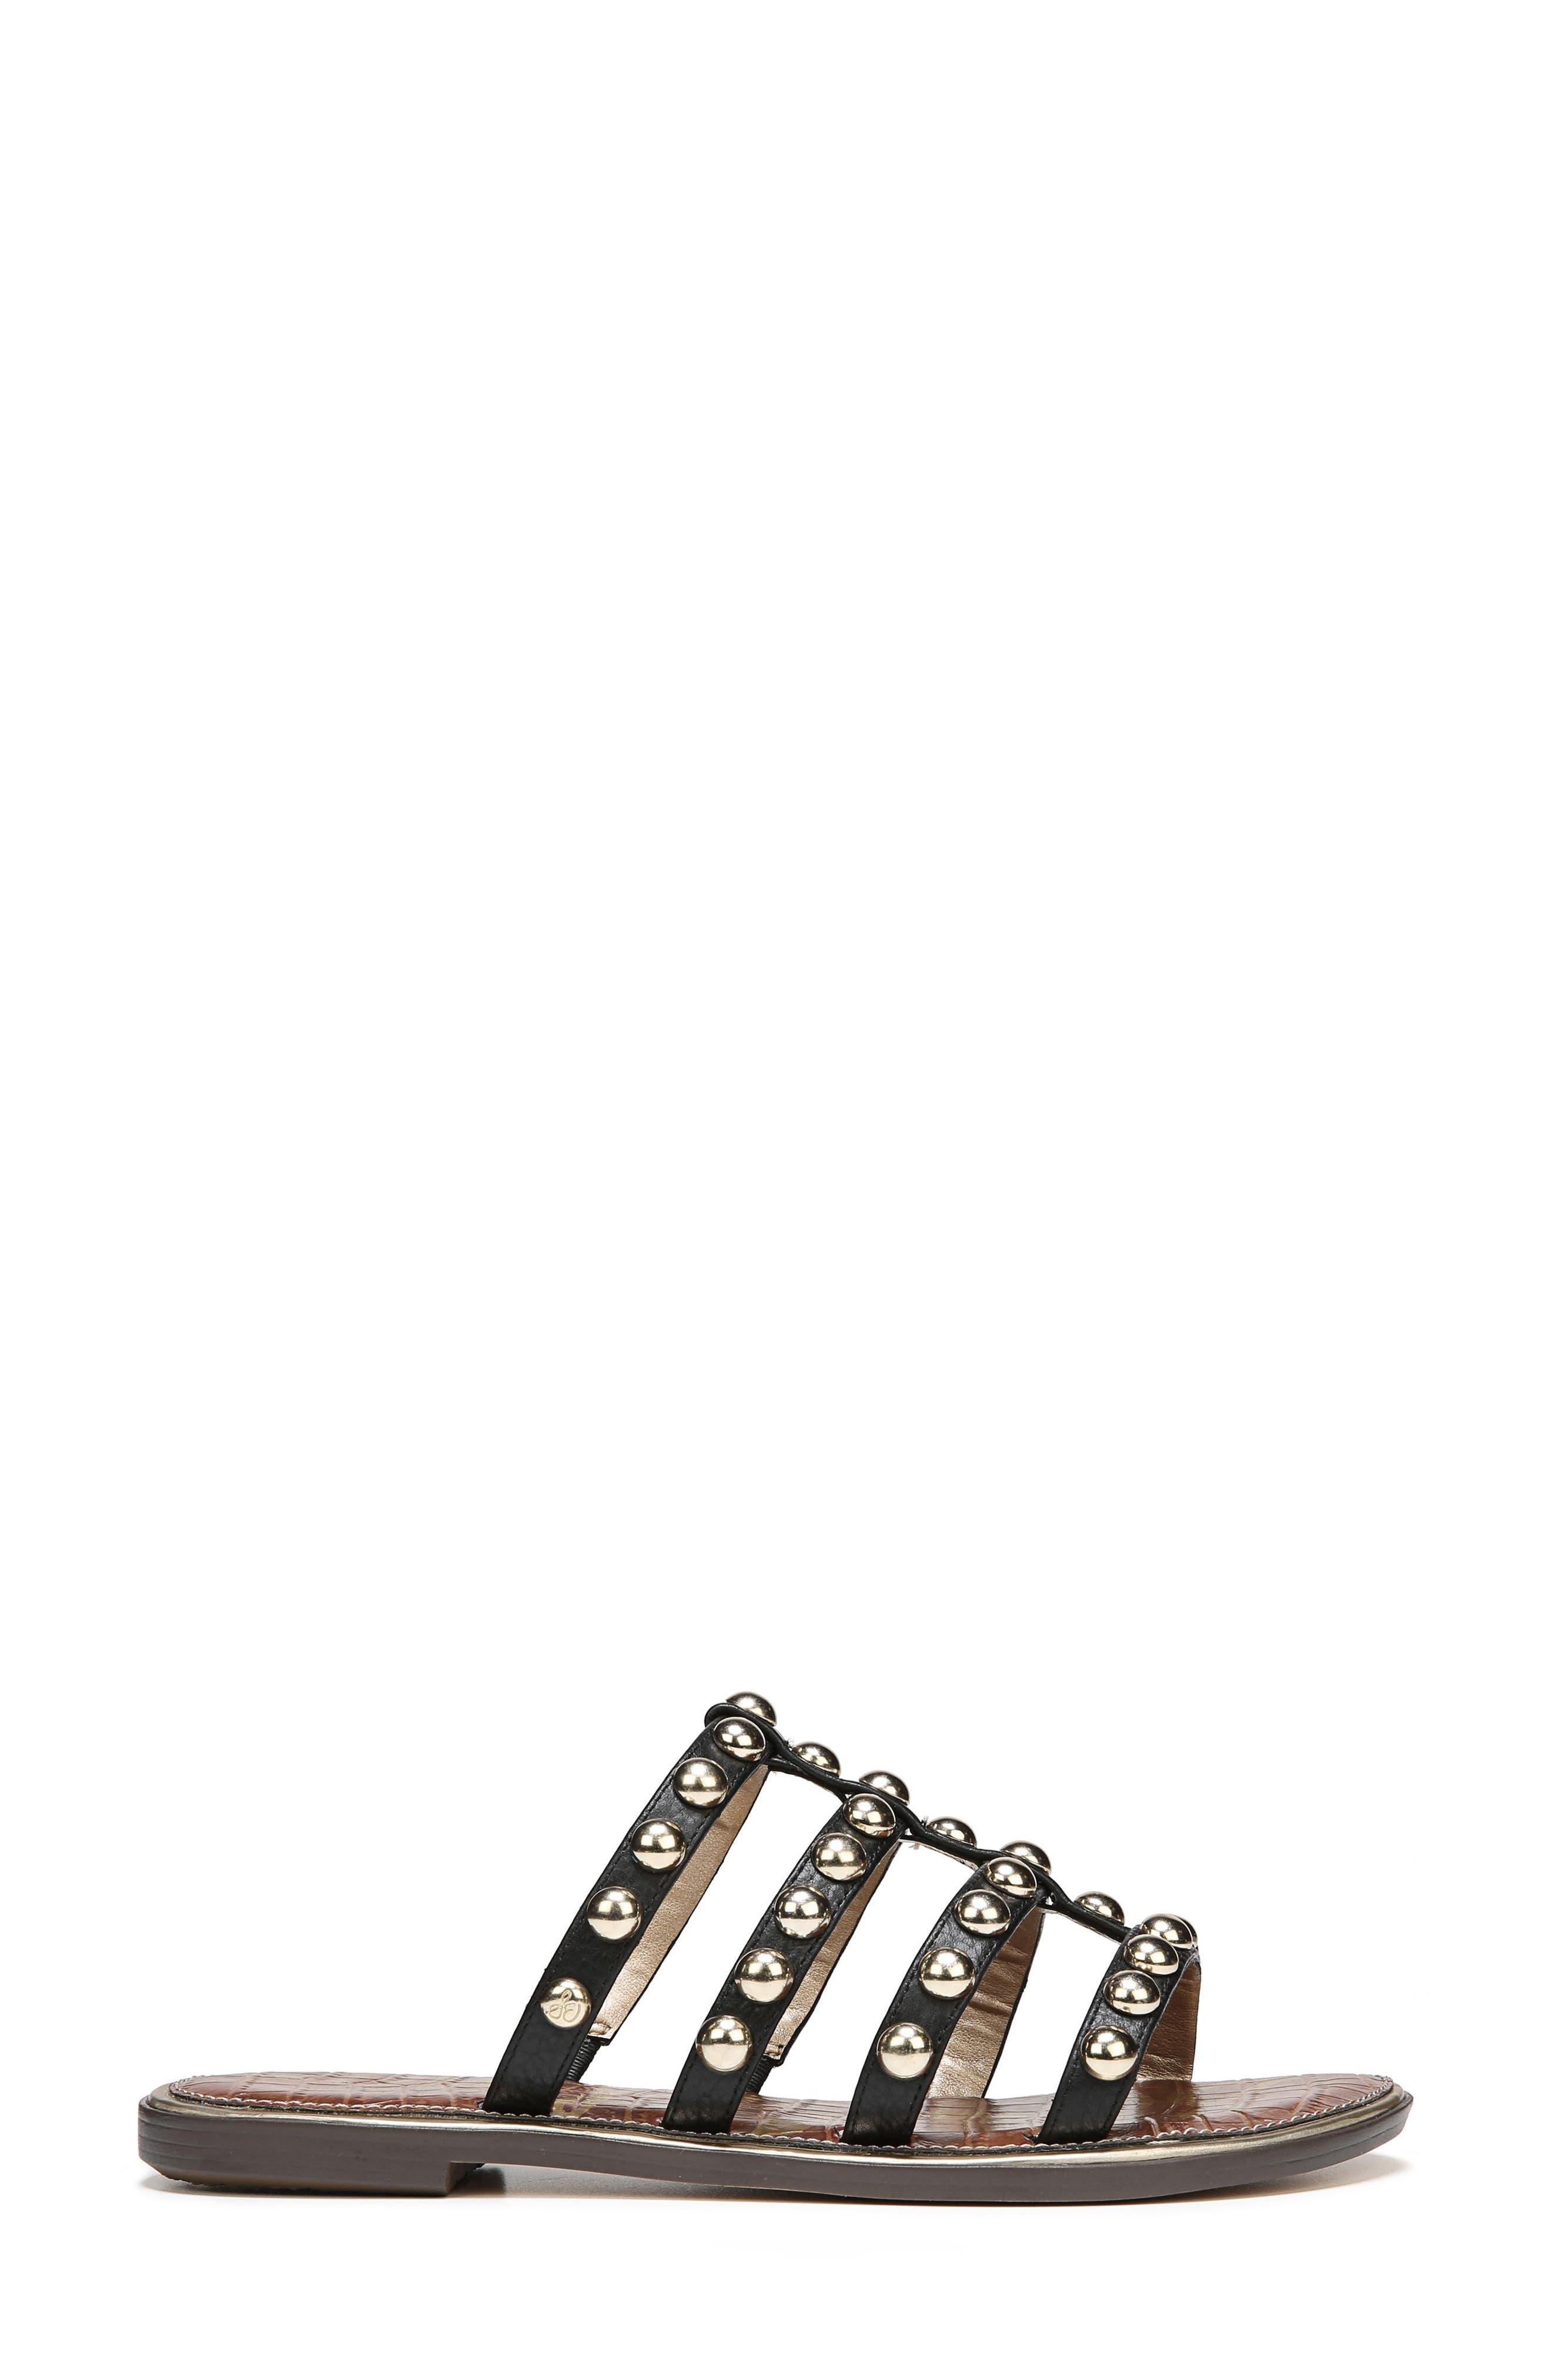 Glenn Studded Slide Sandal,                             Alternate thumbnail 3, color,                             Black Leather